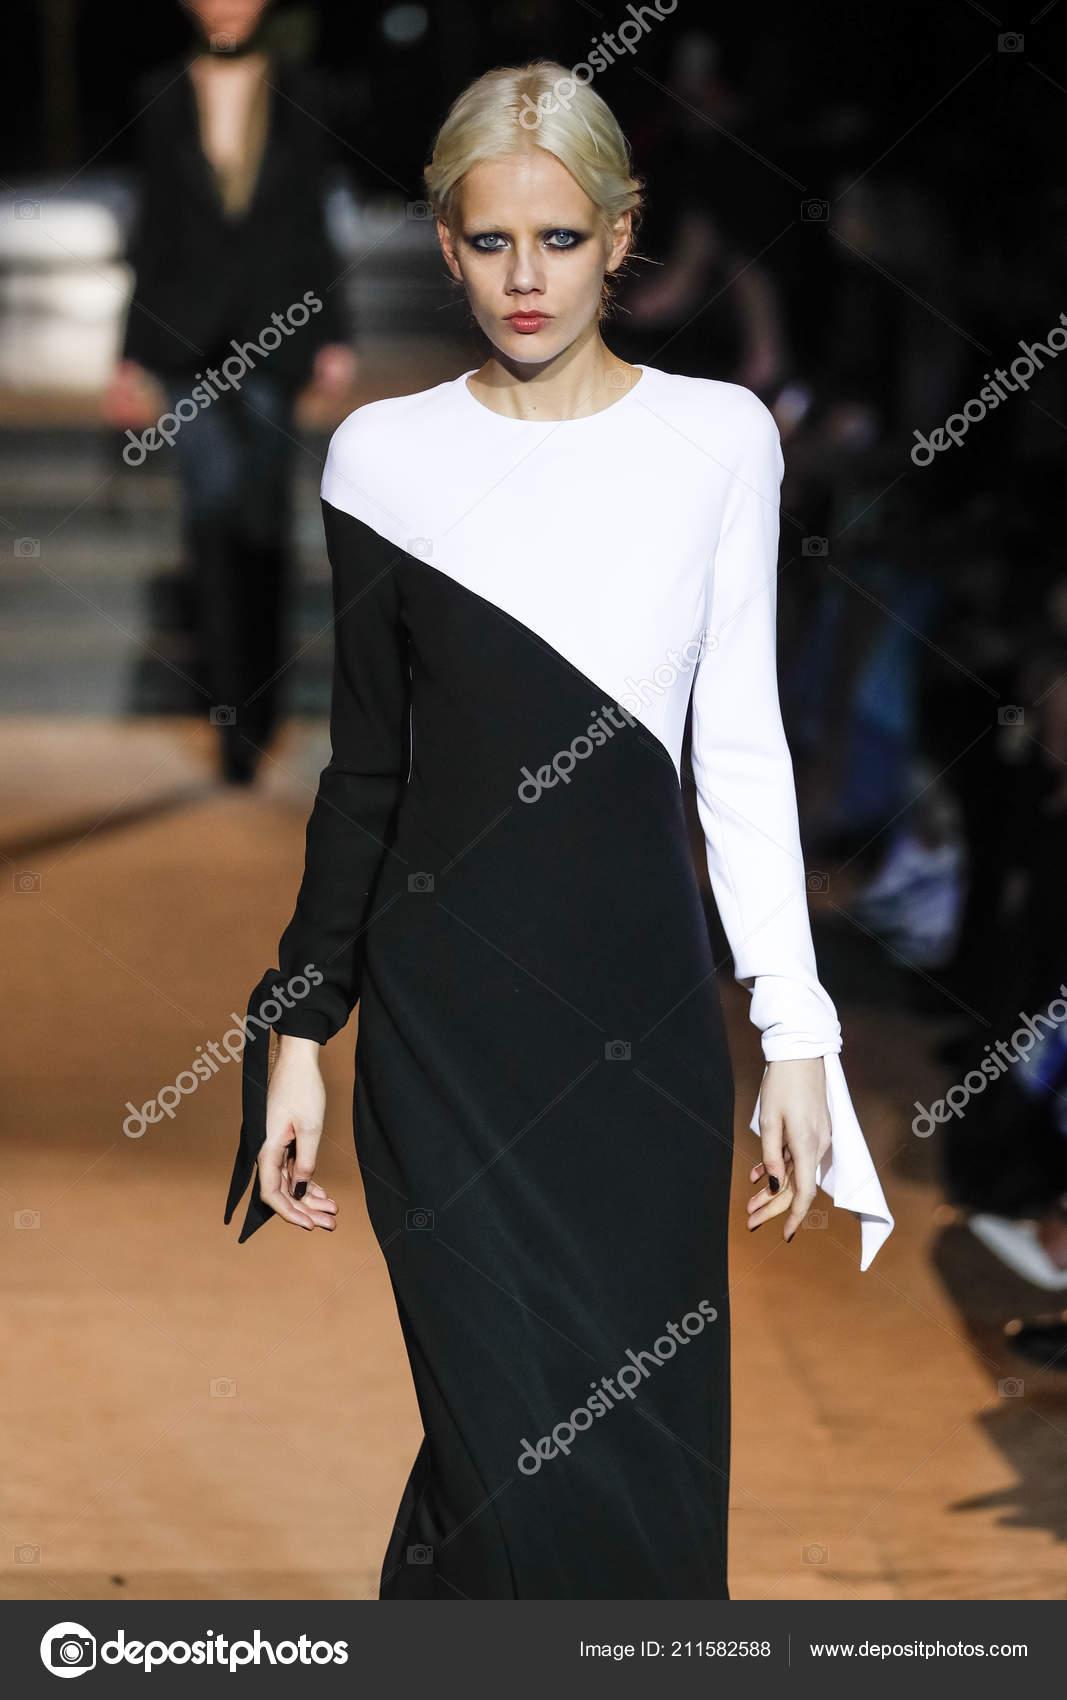 New York February Model Walks Runway Carolina Herrera New